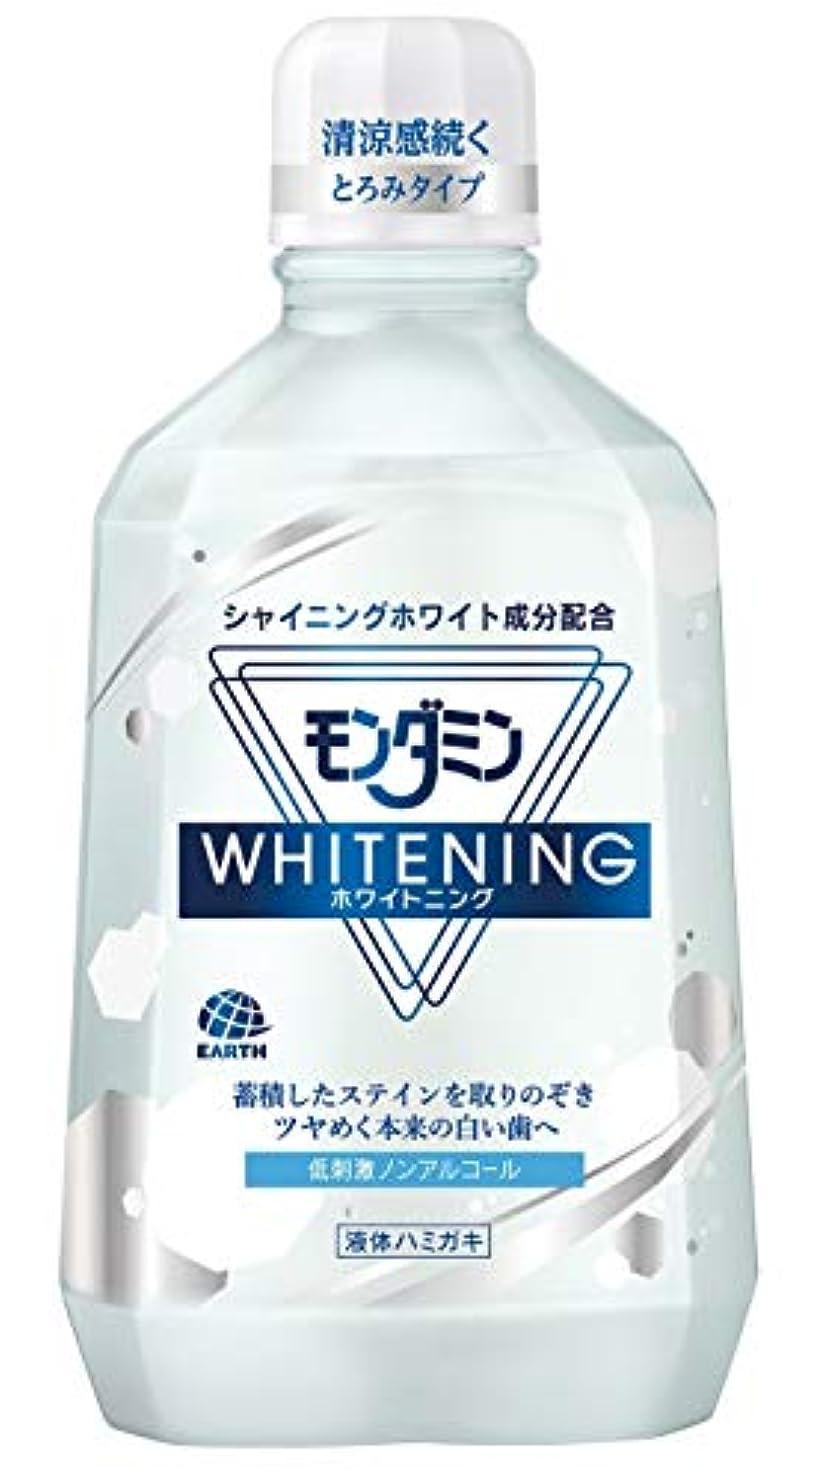 大使新鮮な衰えるモンダミン ホワイトニング マウスウォッシュ [1080ml]